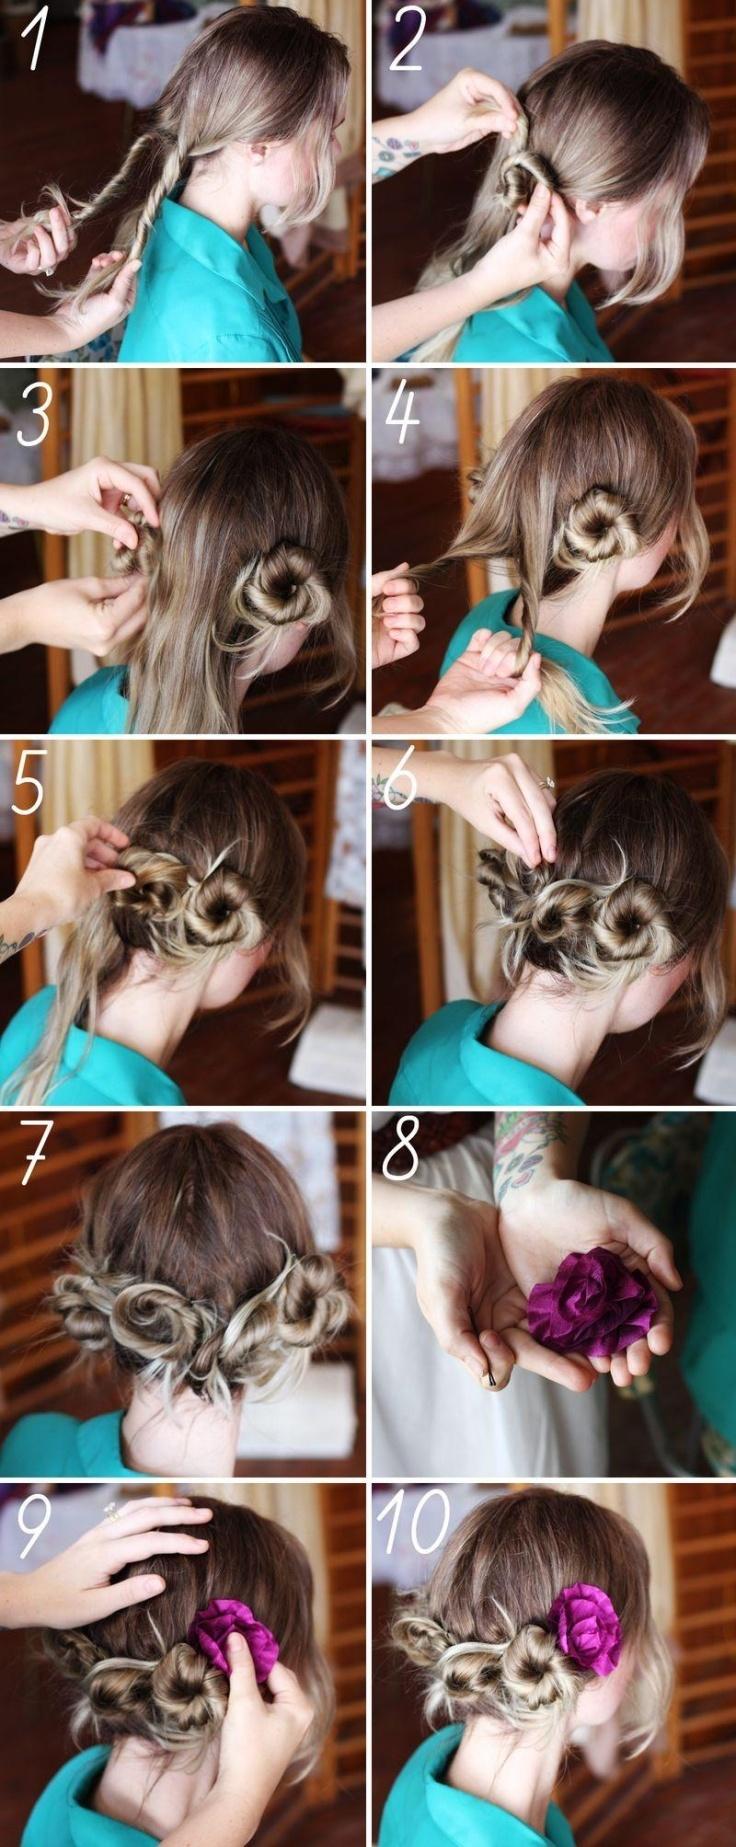 Причёски на средние волосы детские в домашних условиях пошагово в